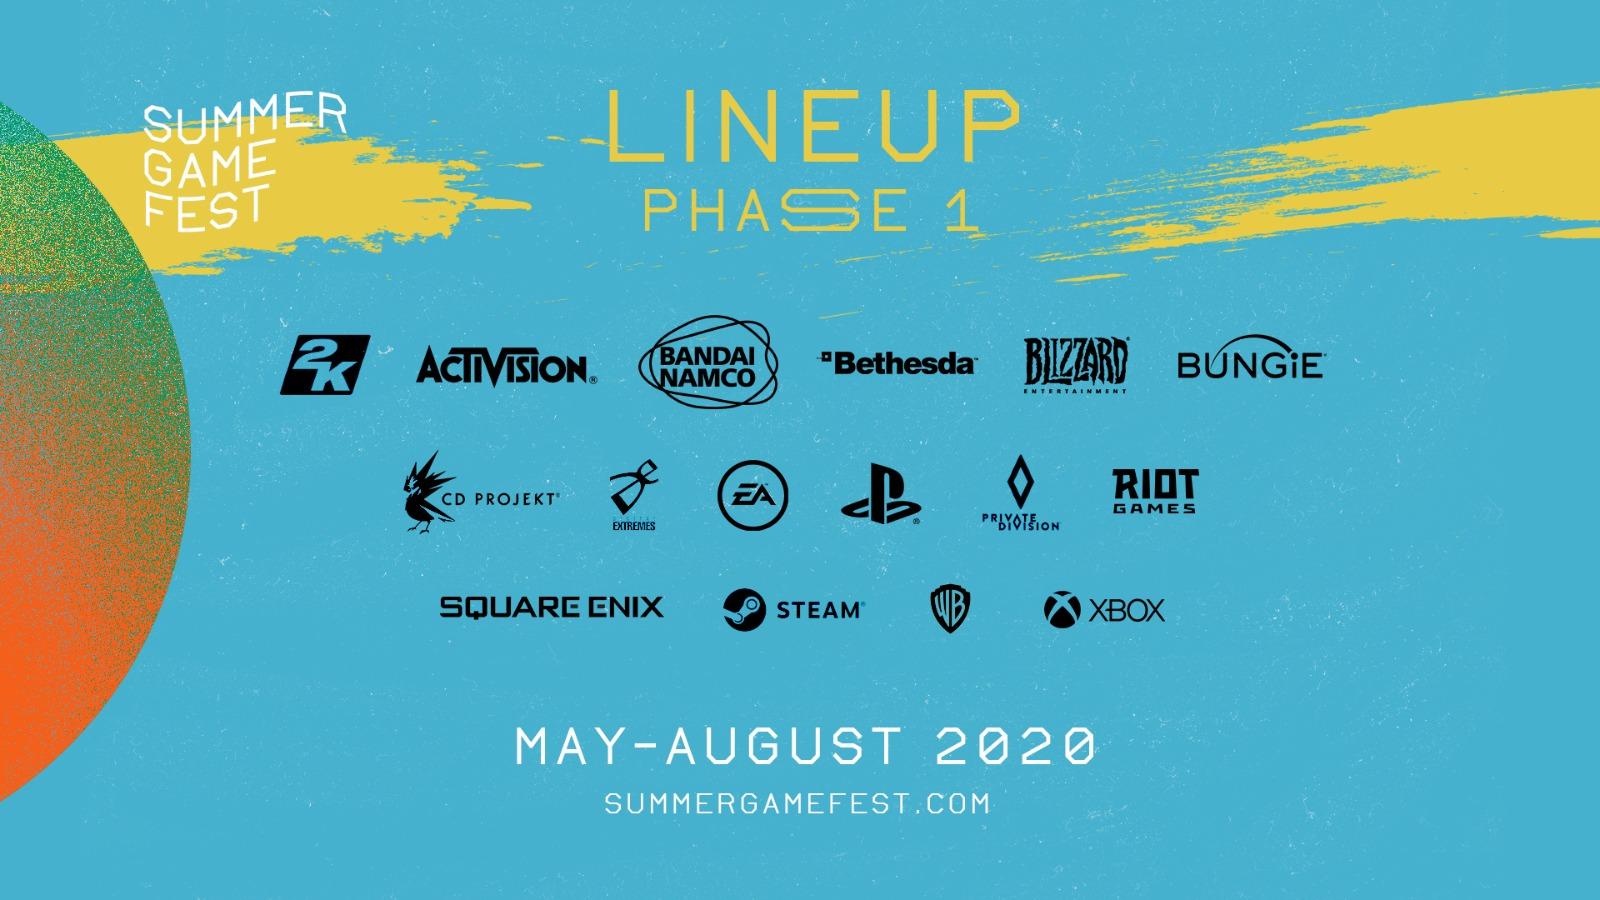 Summer Game Fest Line Up